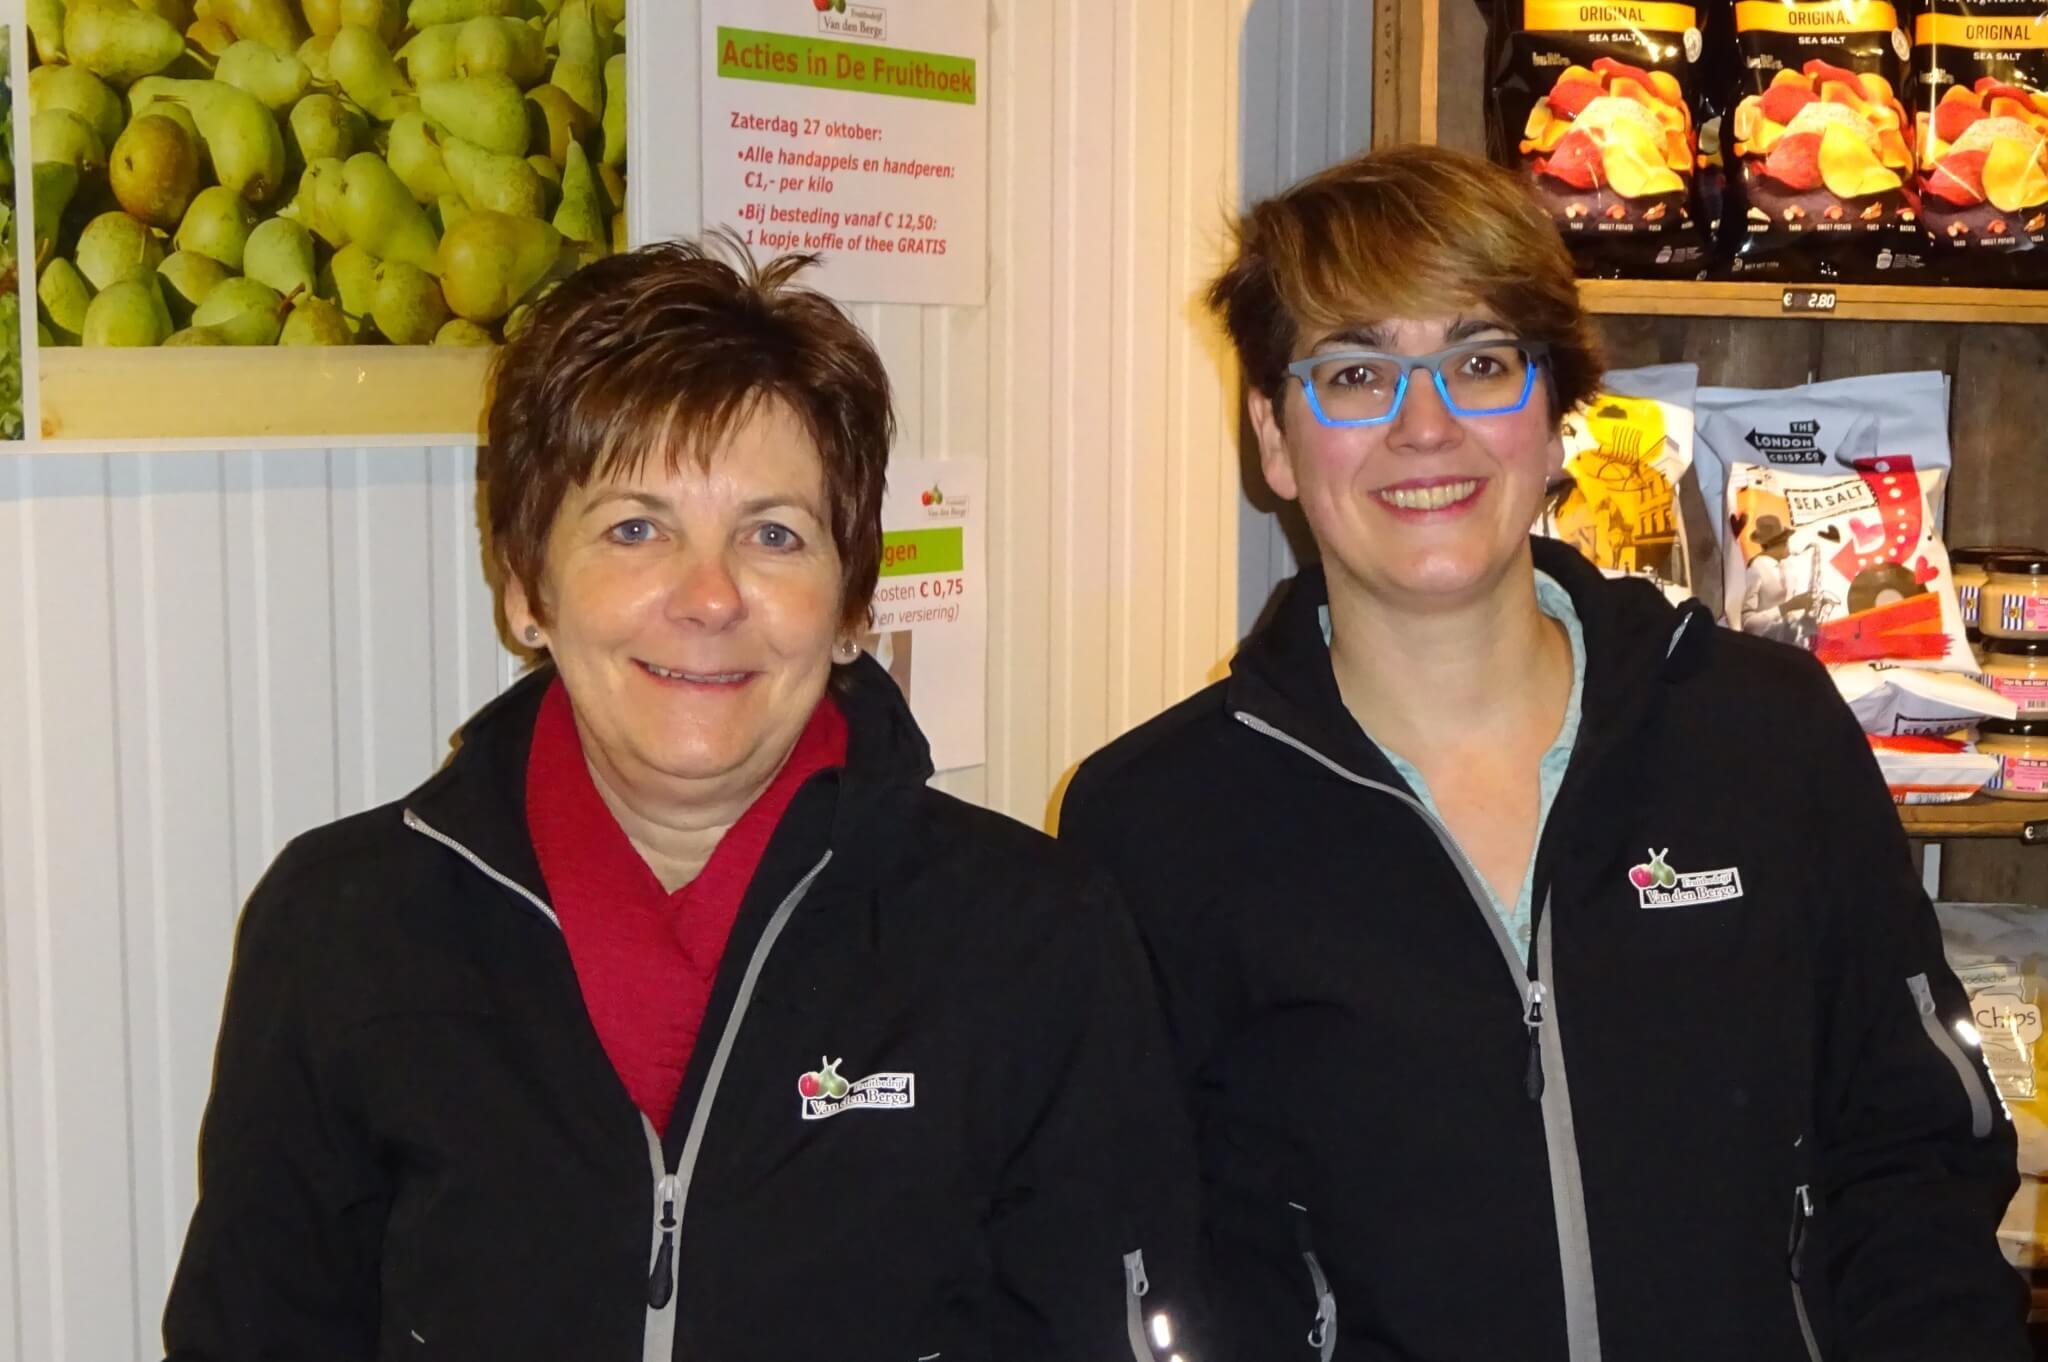 Fruitbedrijf Van den Berge 27102018 06